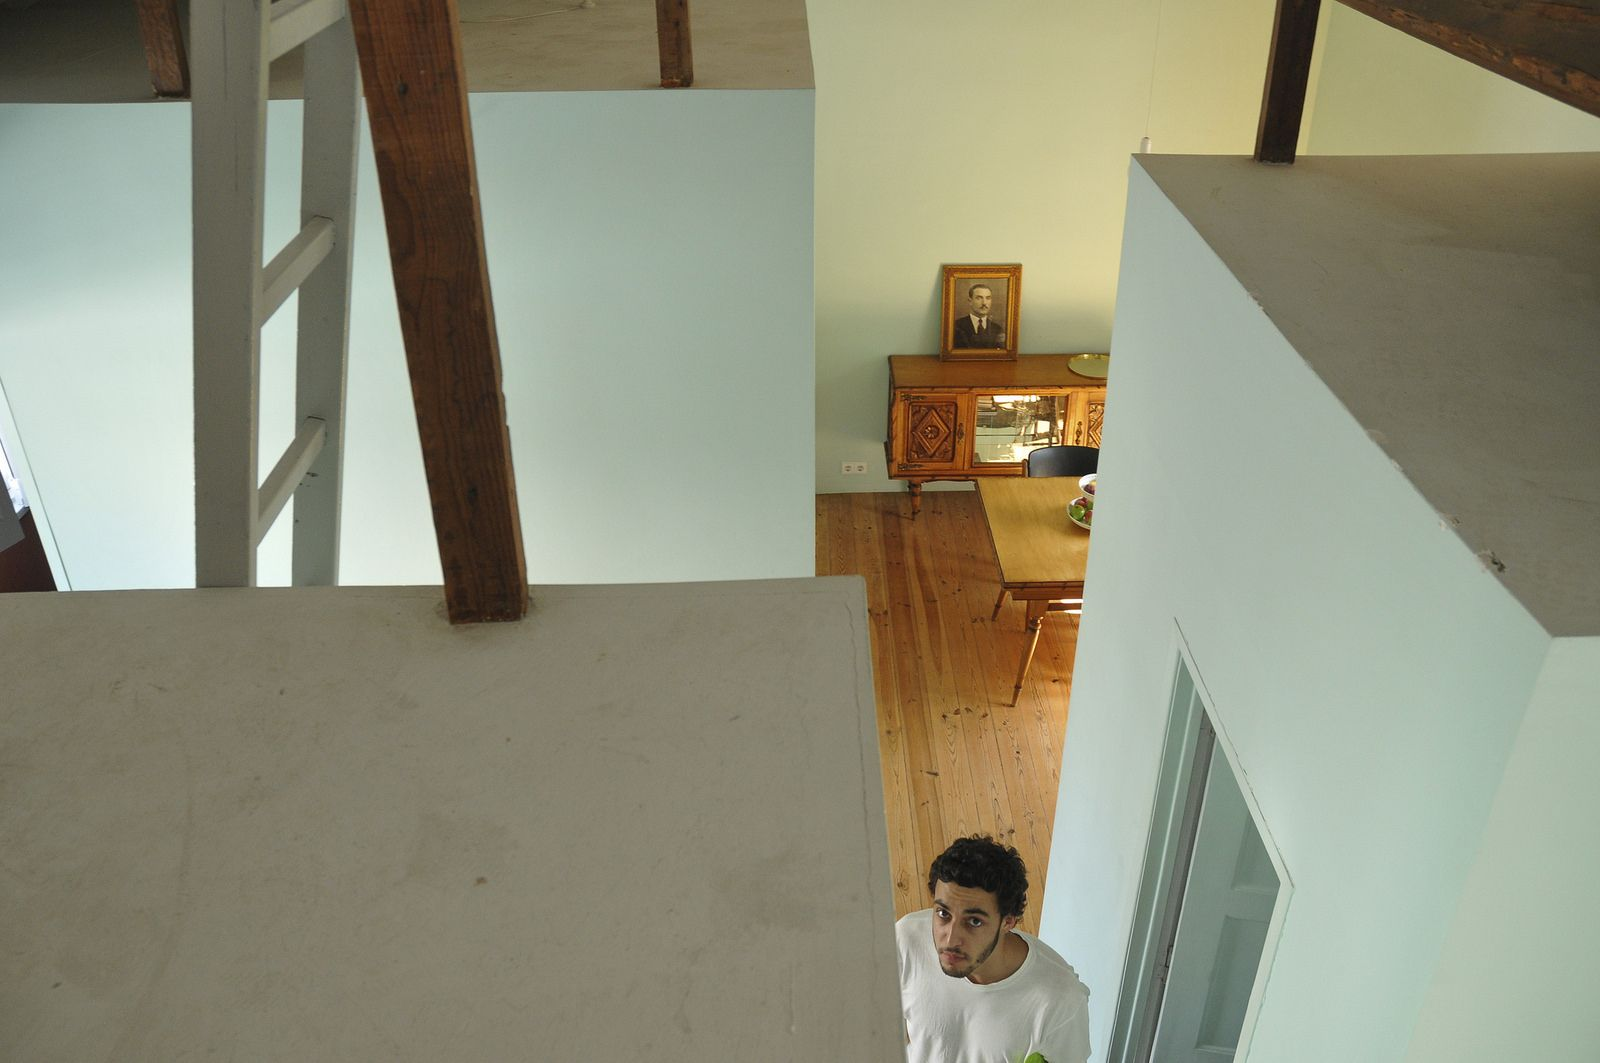 Reabilitação em Belém  | Open House Lisboa 2 - 3 July 2016 | Trienal de Arquitectura de Lisboa © Eduardo Sousa Ribeiro